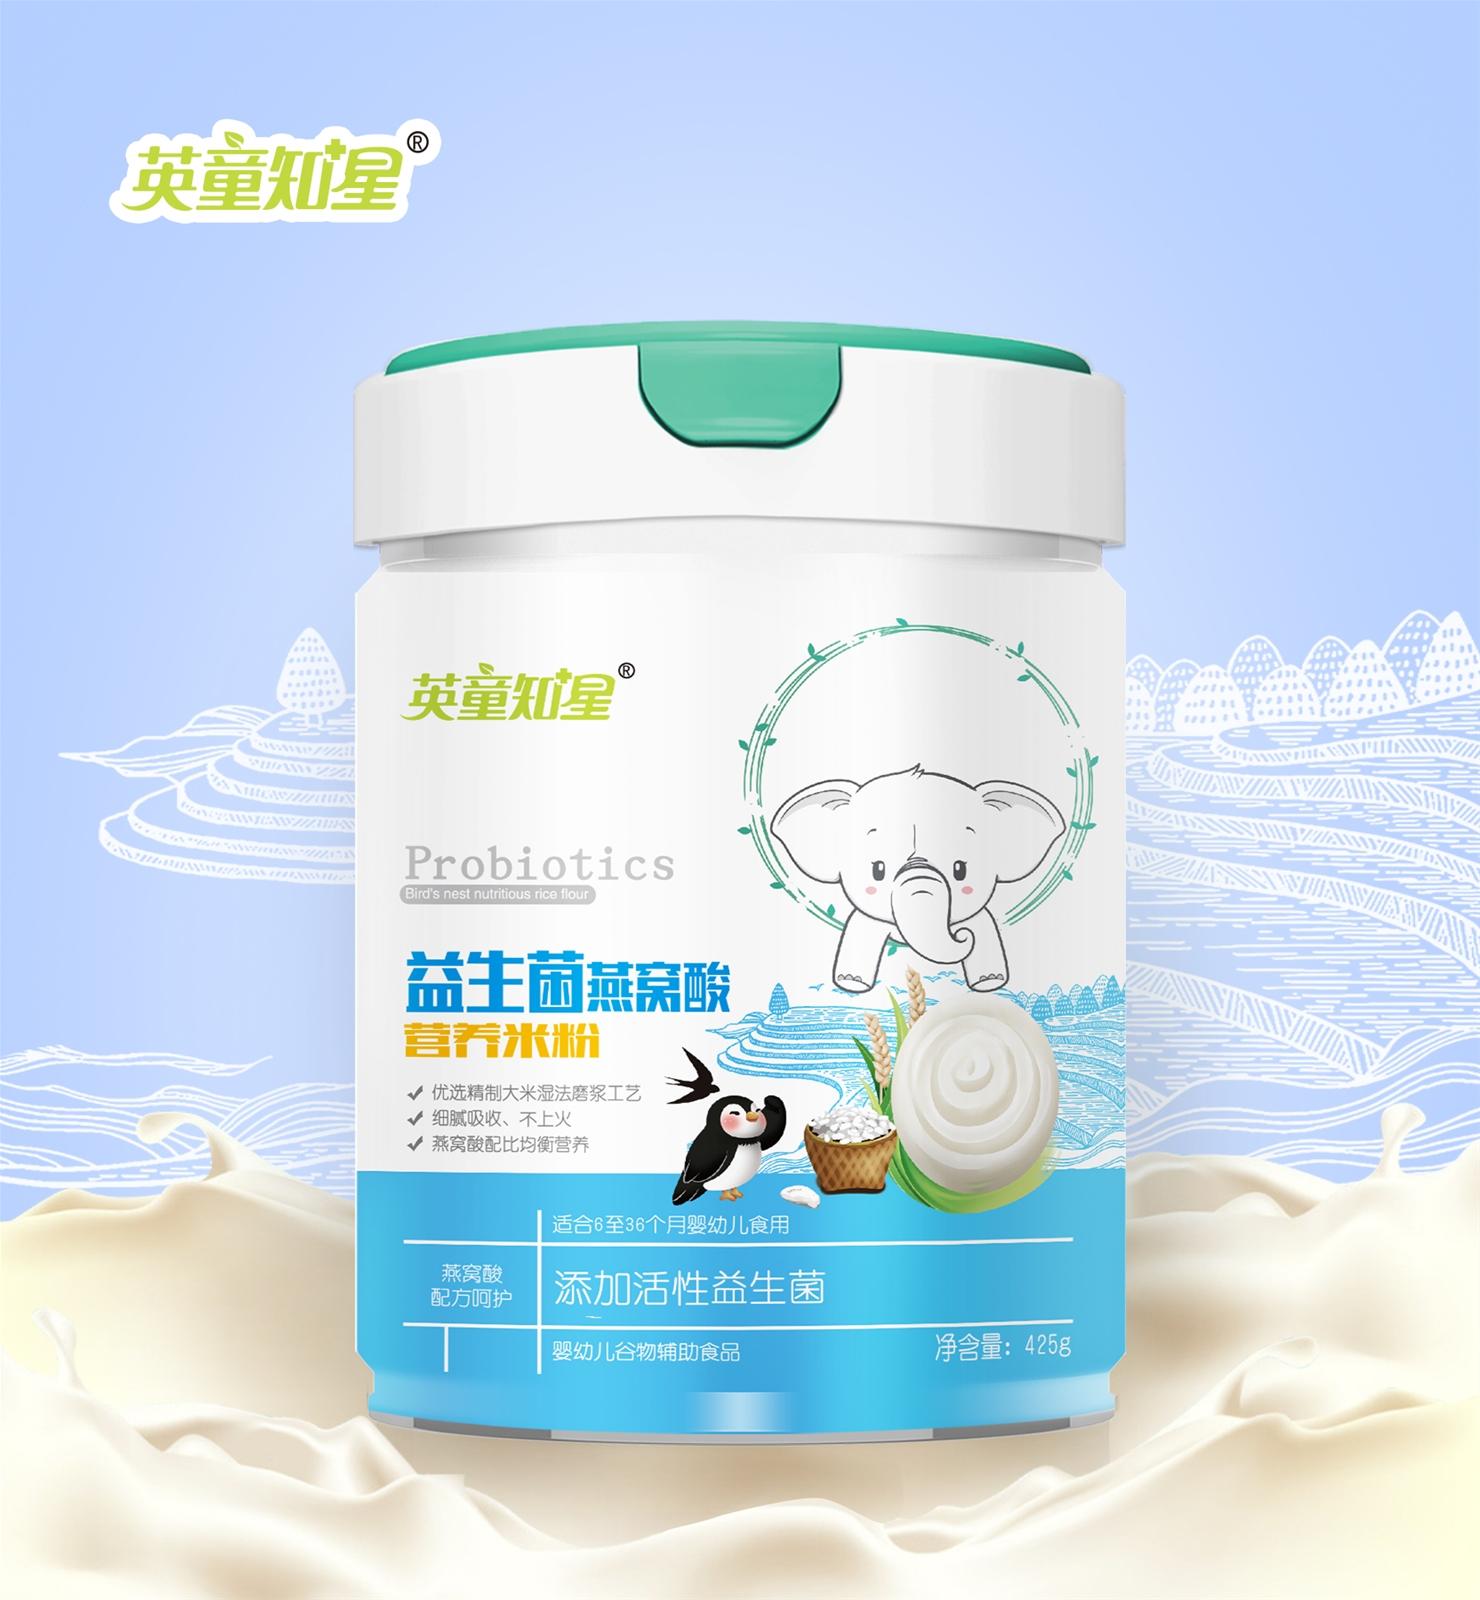 英童知星益生菌燕窝酸营养米粉